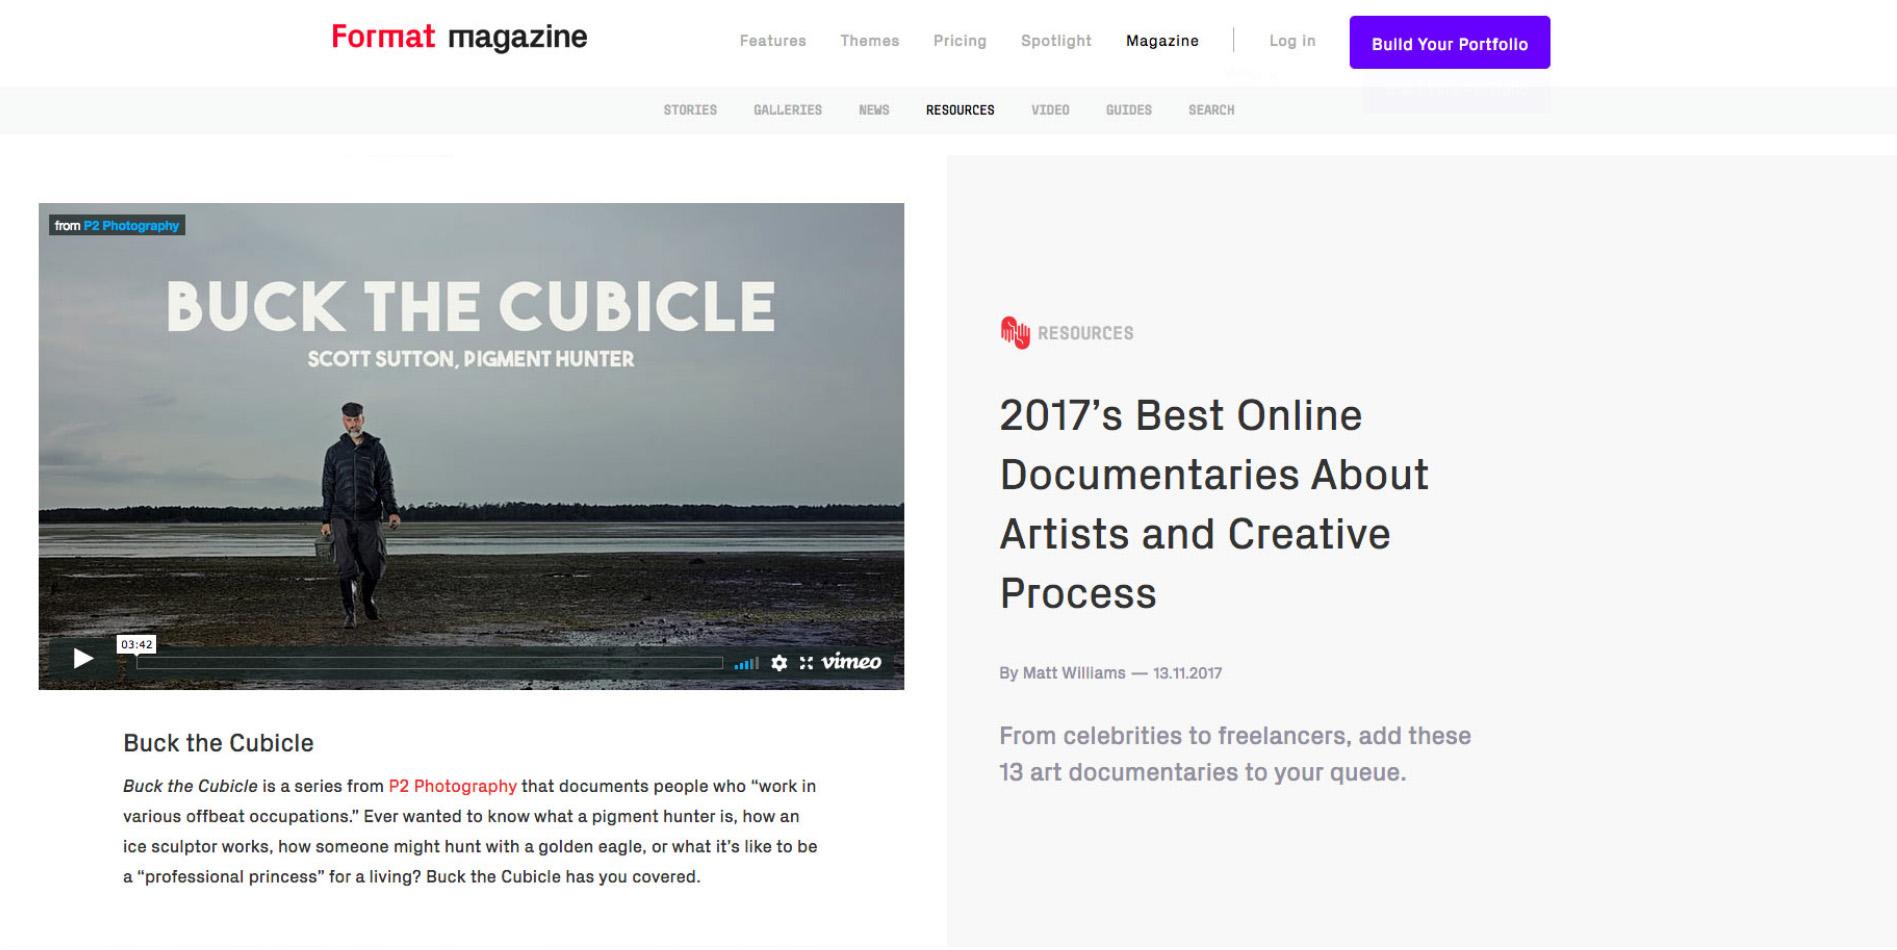 Format Magazine 2017 Best Online Documentaries